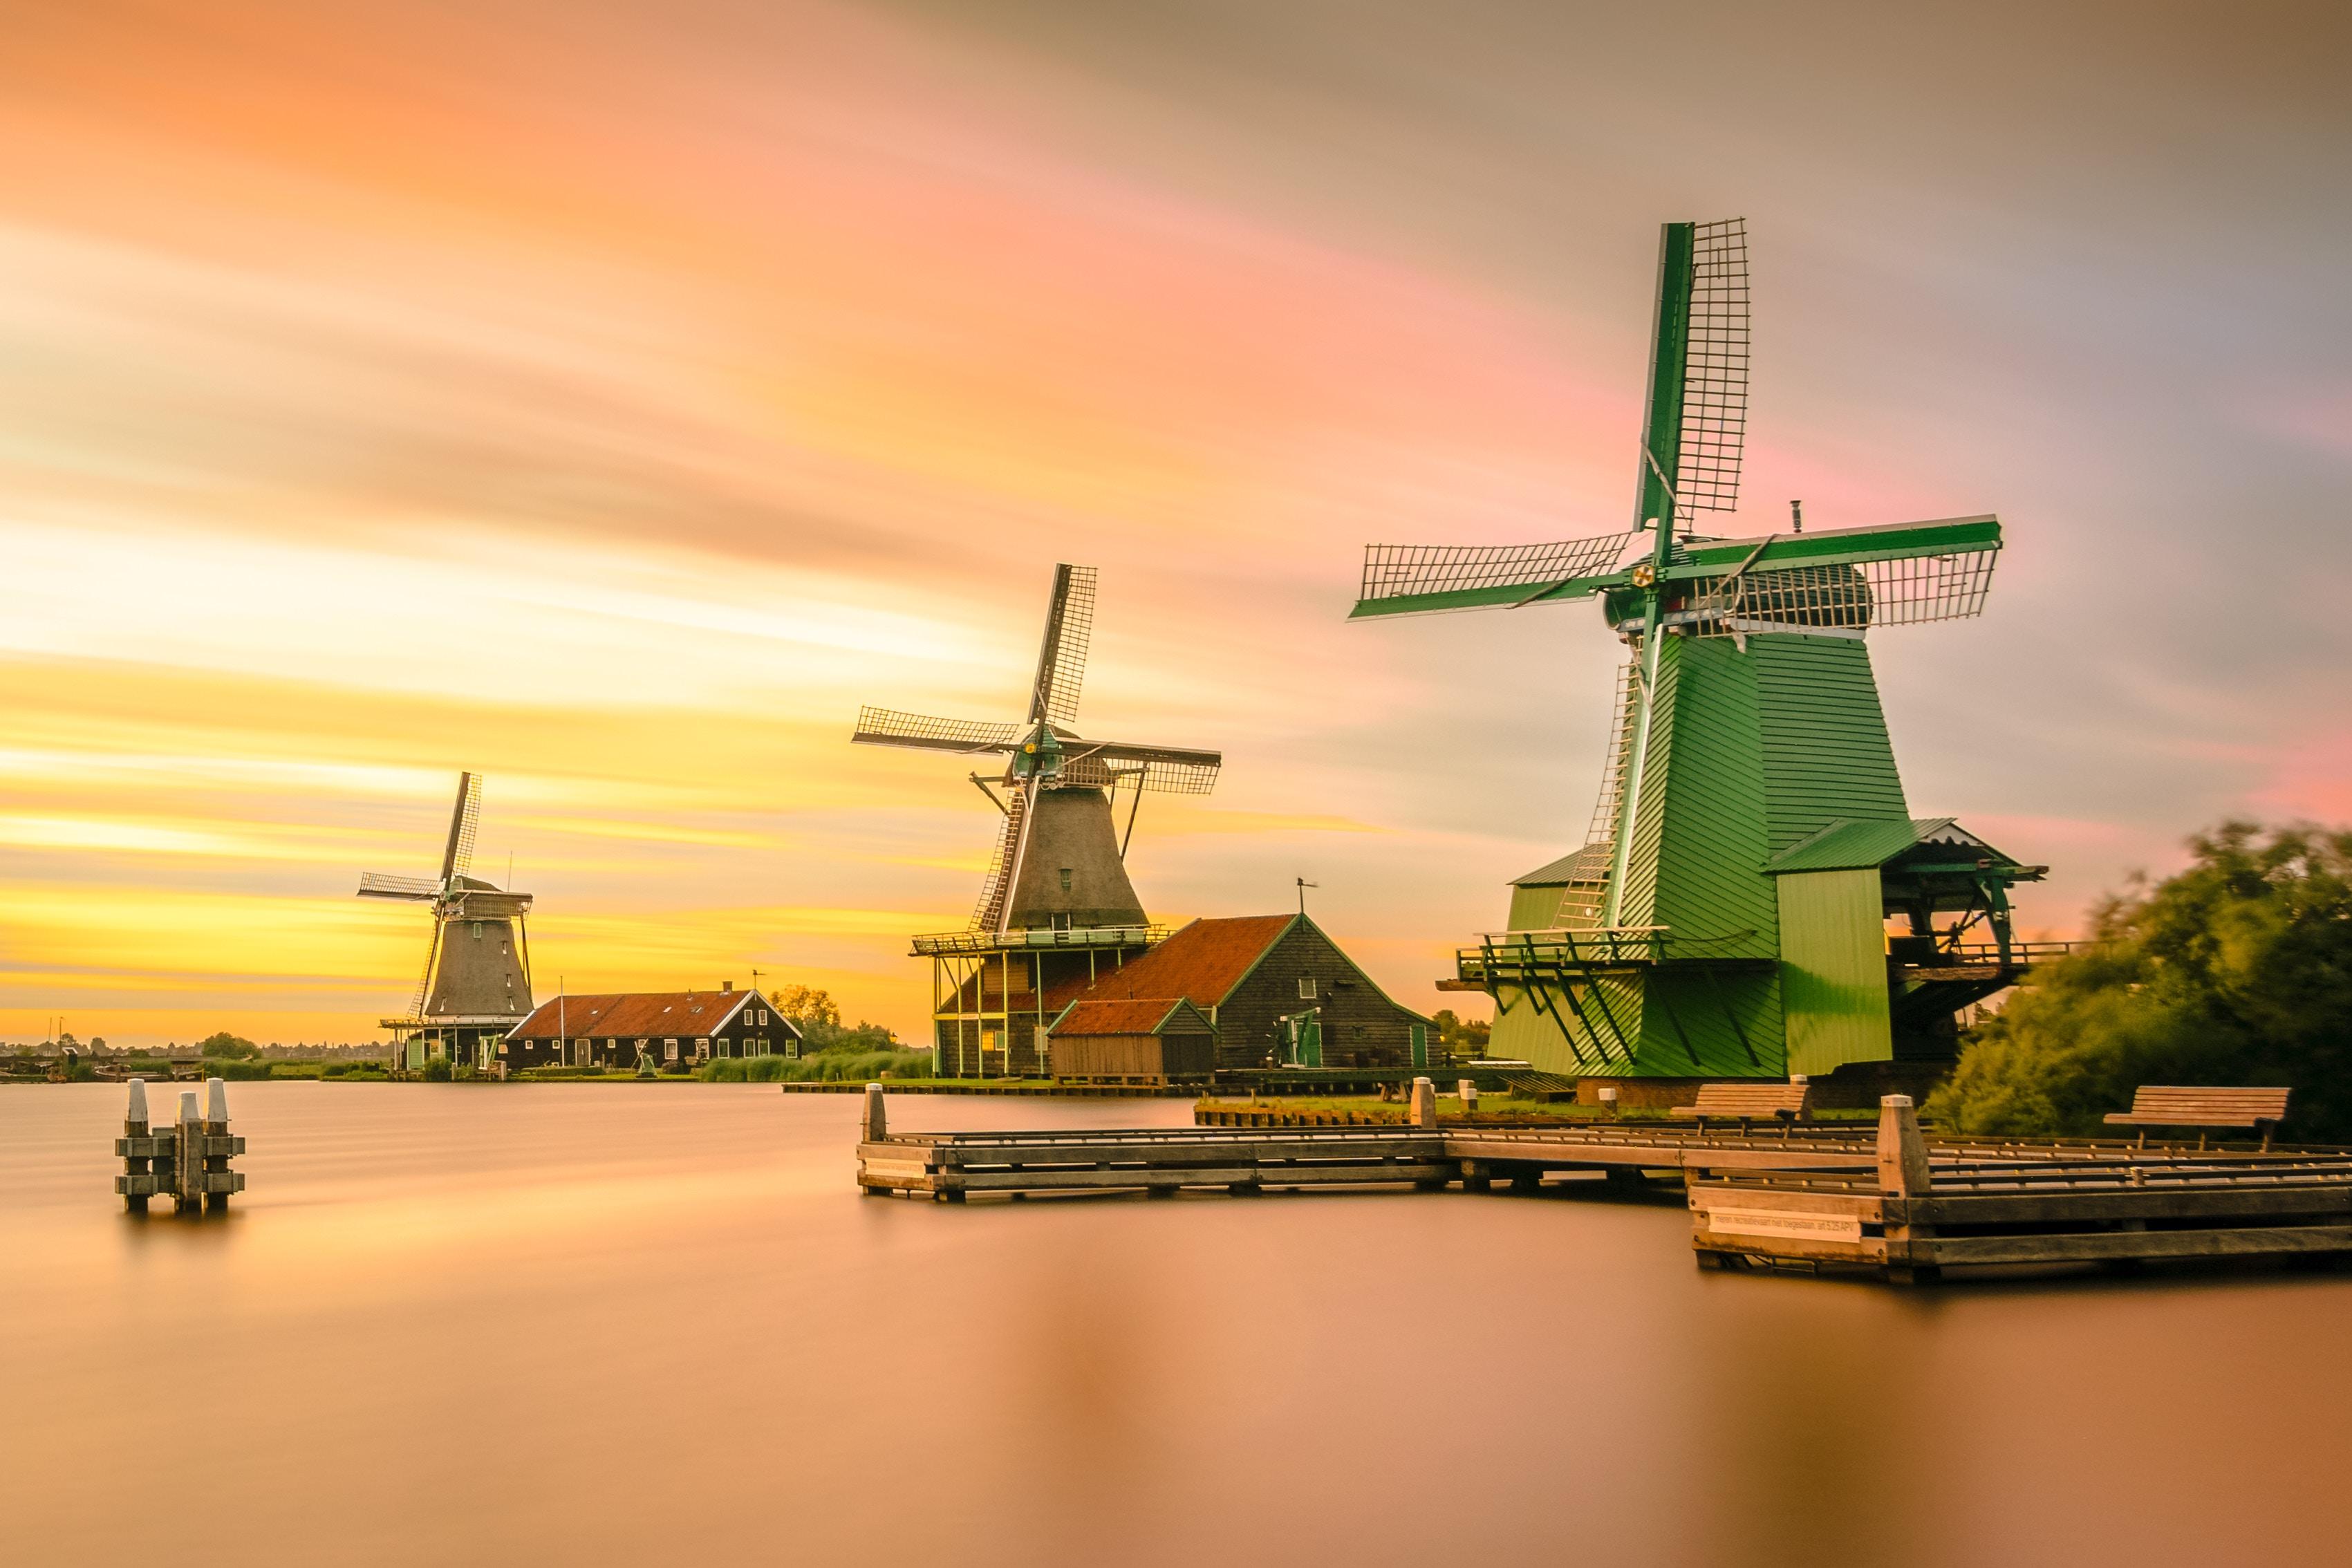 オランダの風車は世界遺産!原風景キンデルダイクの魅力を解説!